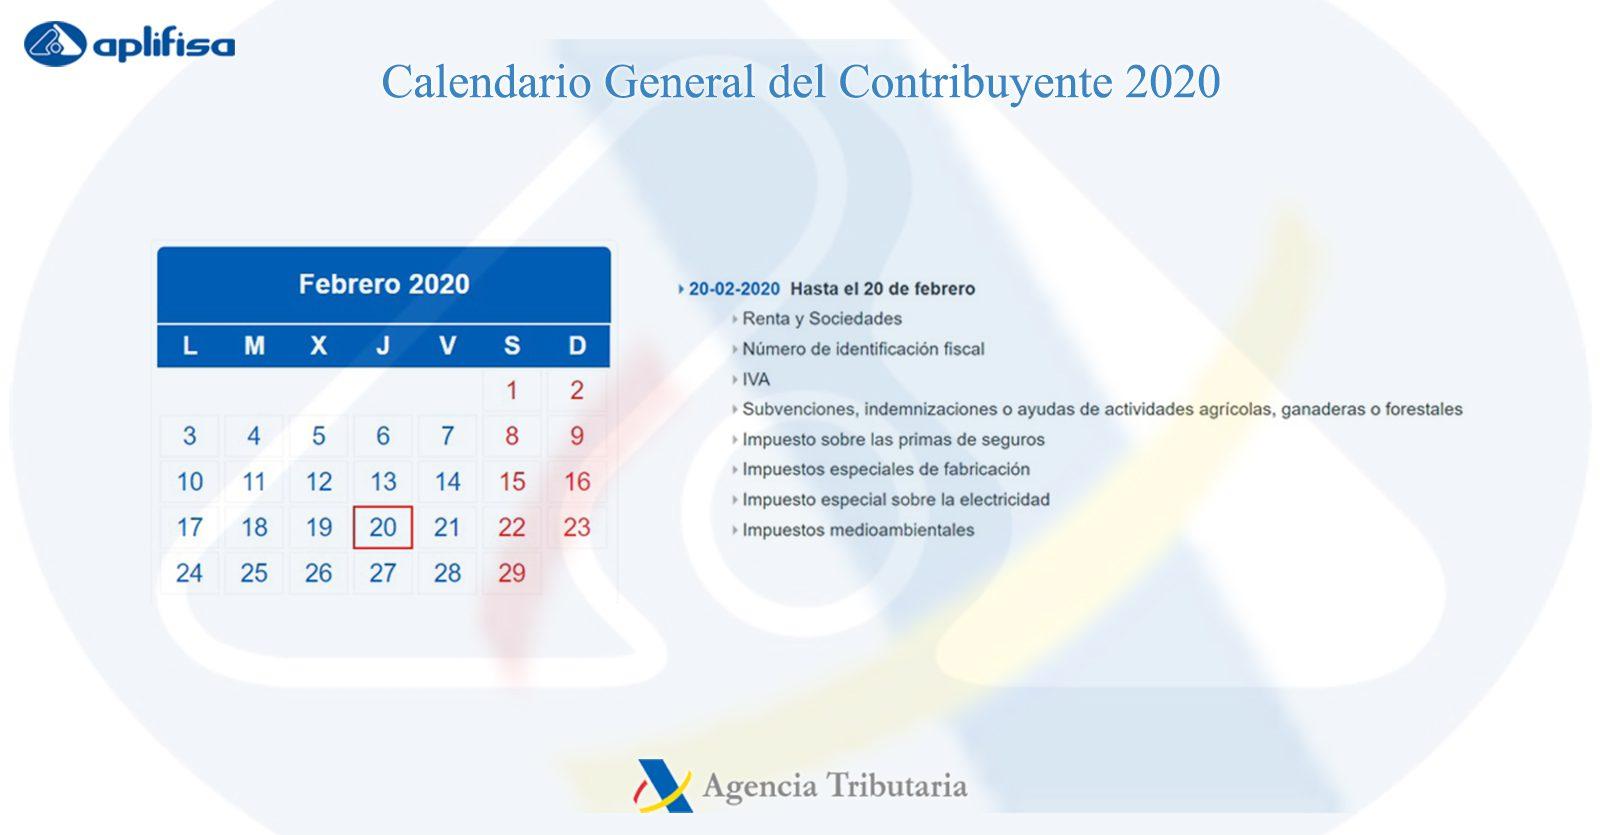 Calendario del Contribuyente de febrero 2020